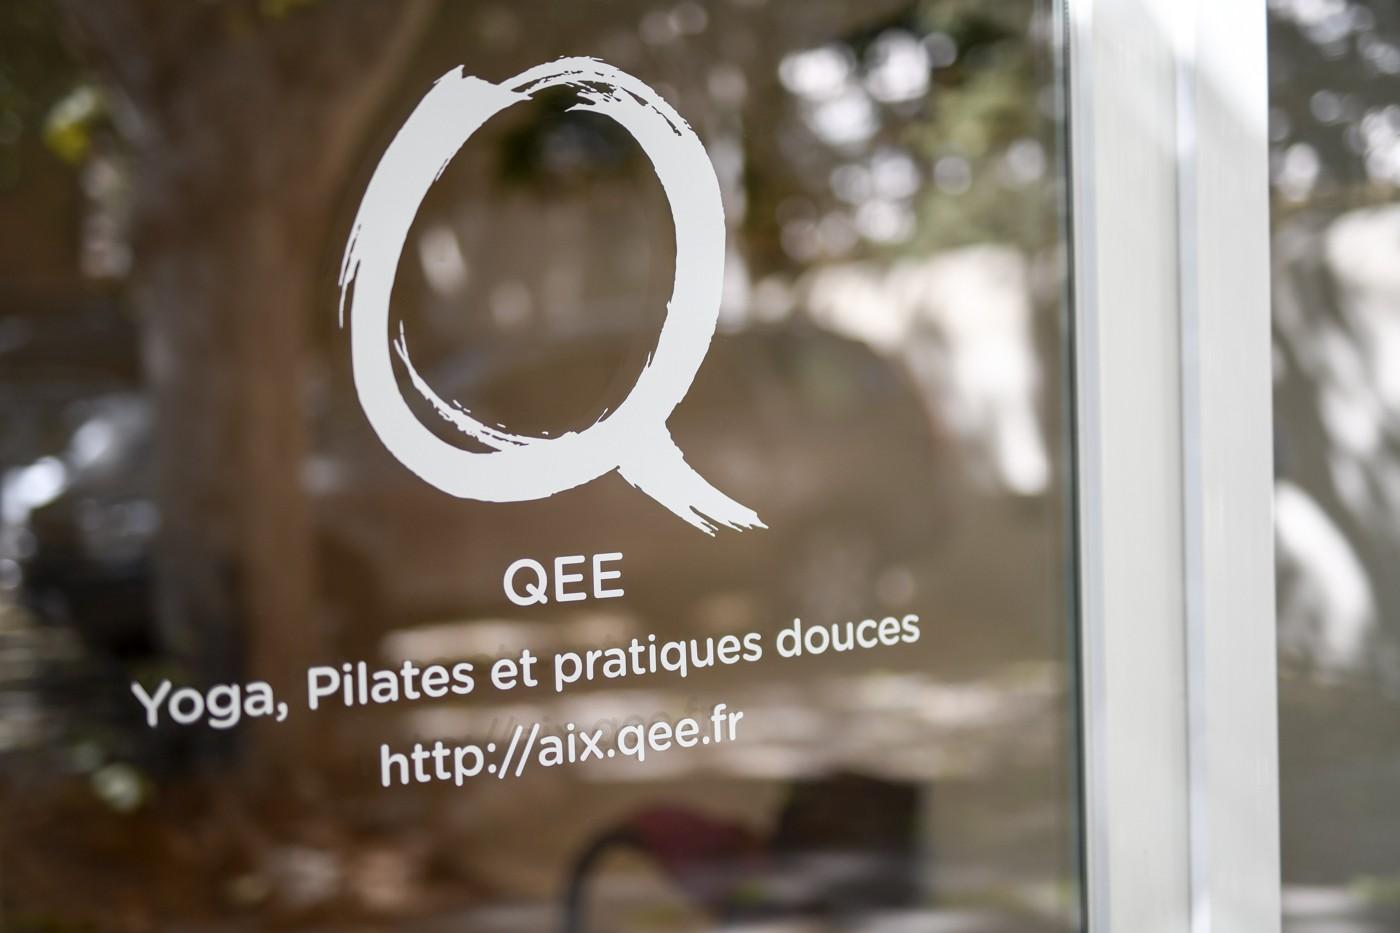 Salle 2  / Qee Aix-en-Provence